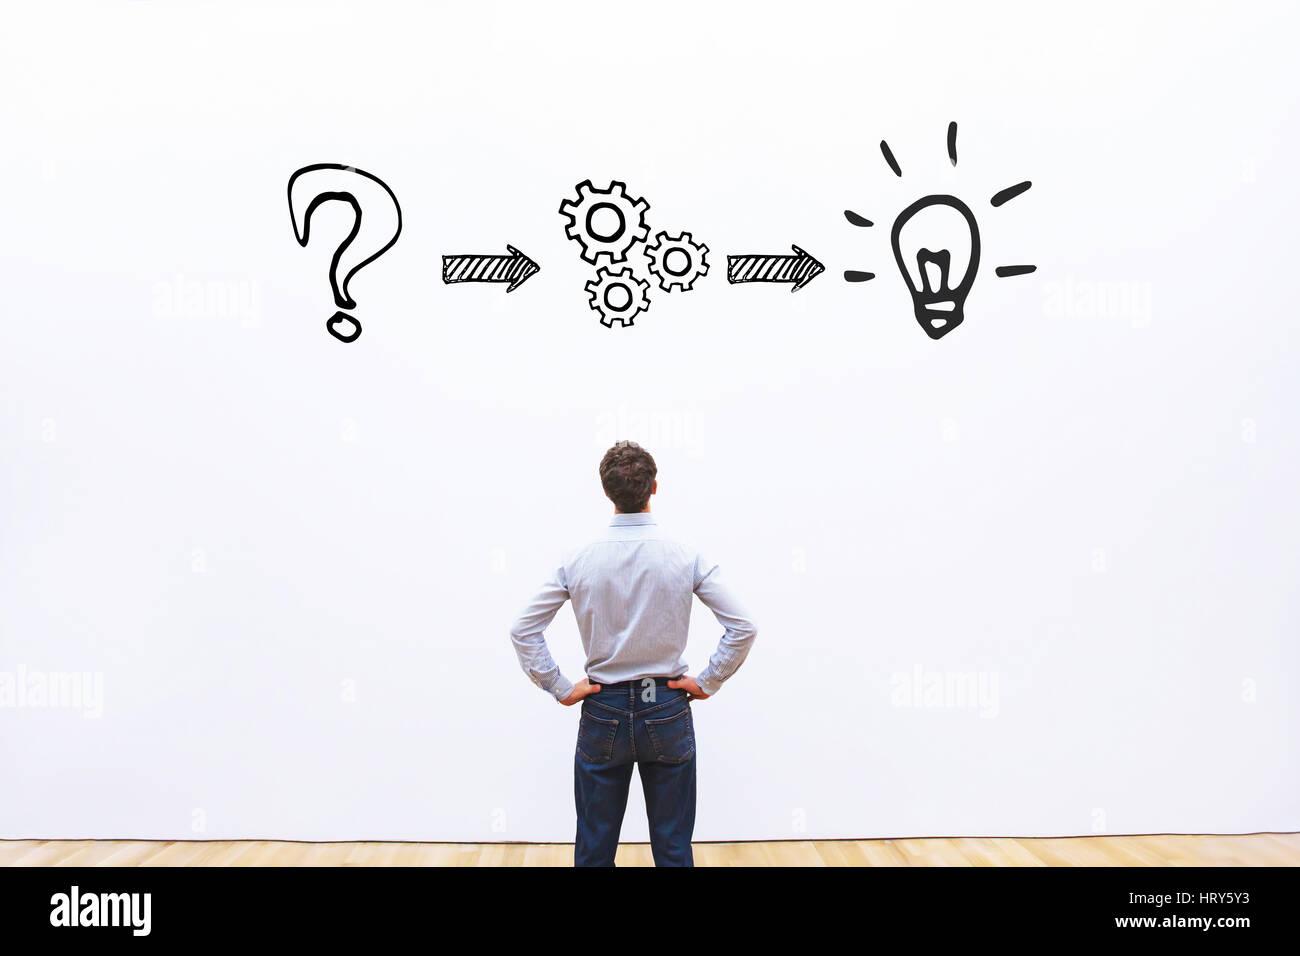 Pensamiento o concepto de negocio para resolver problemas Imagen De Stock